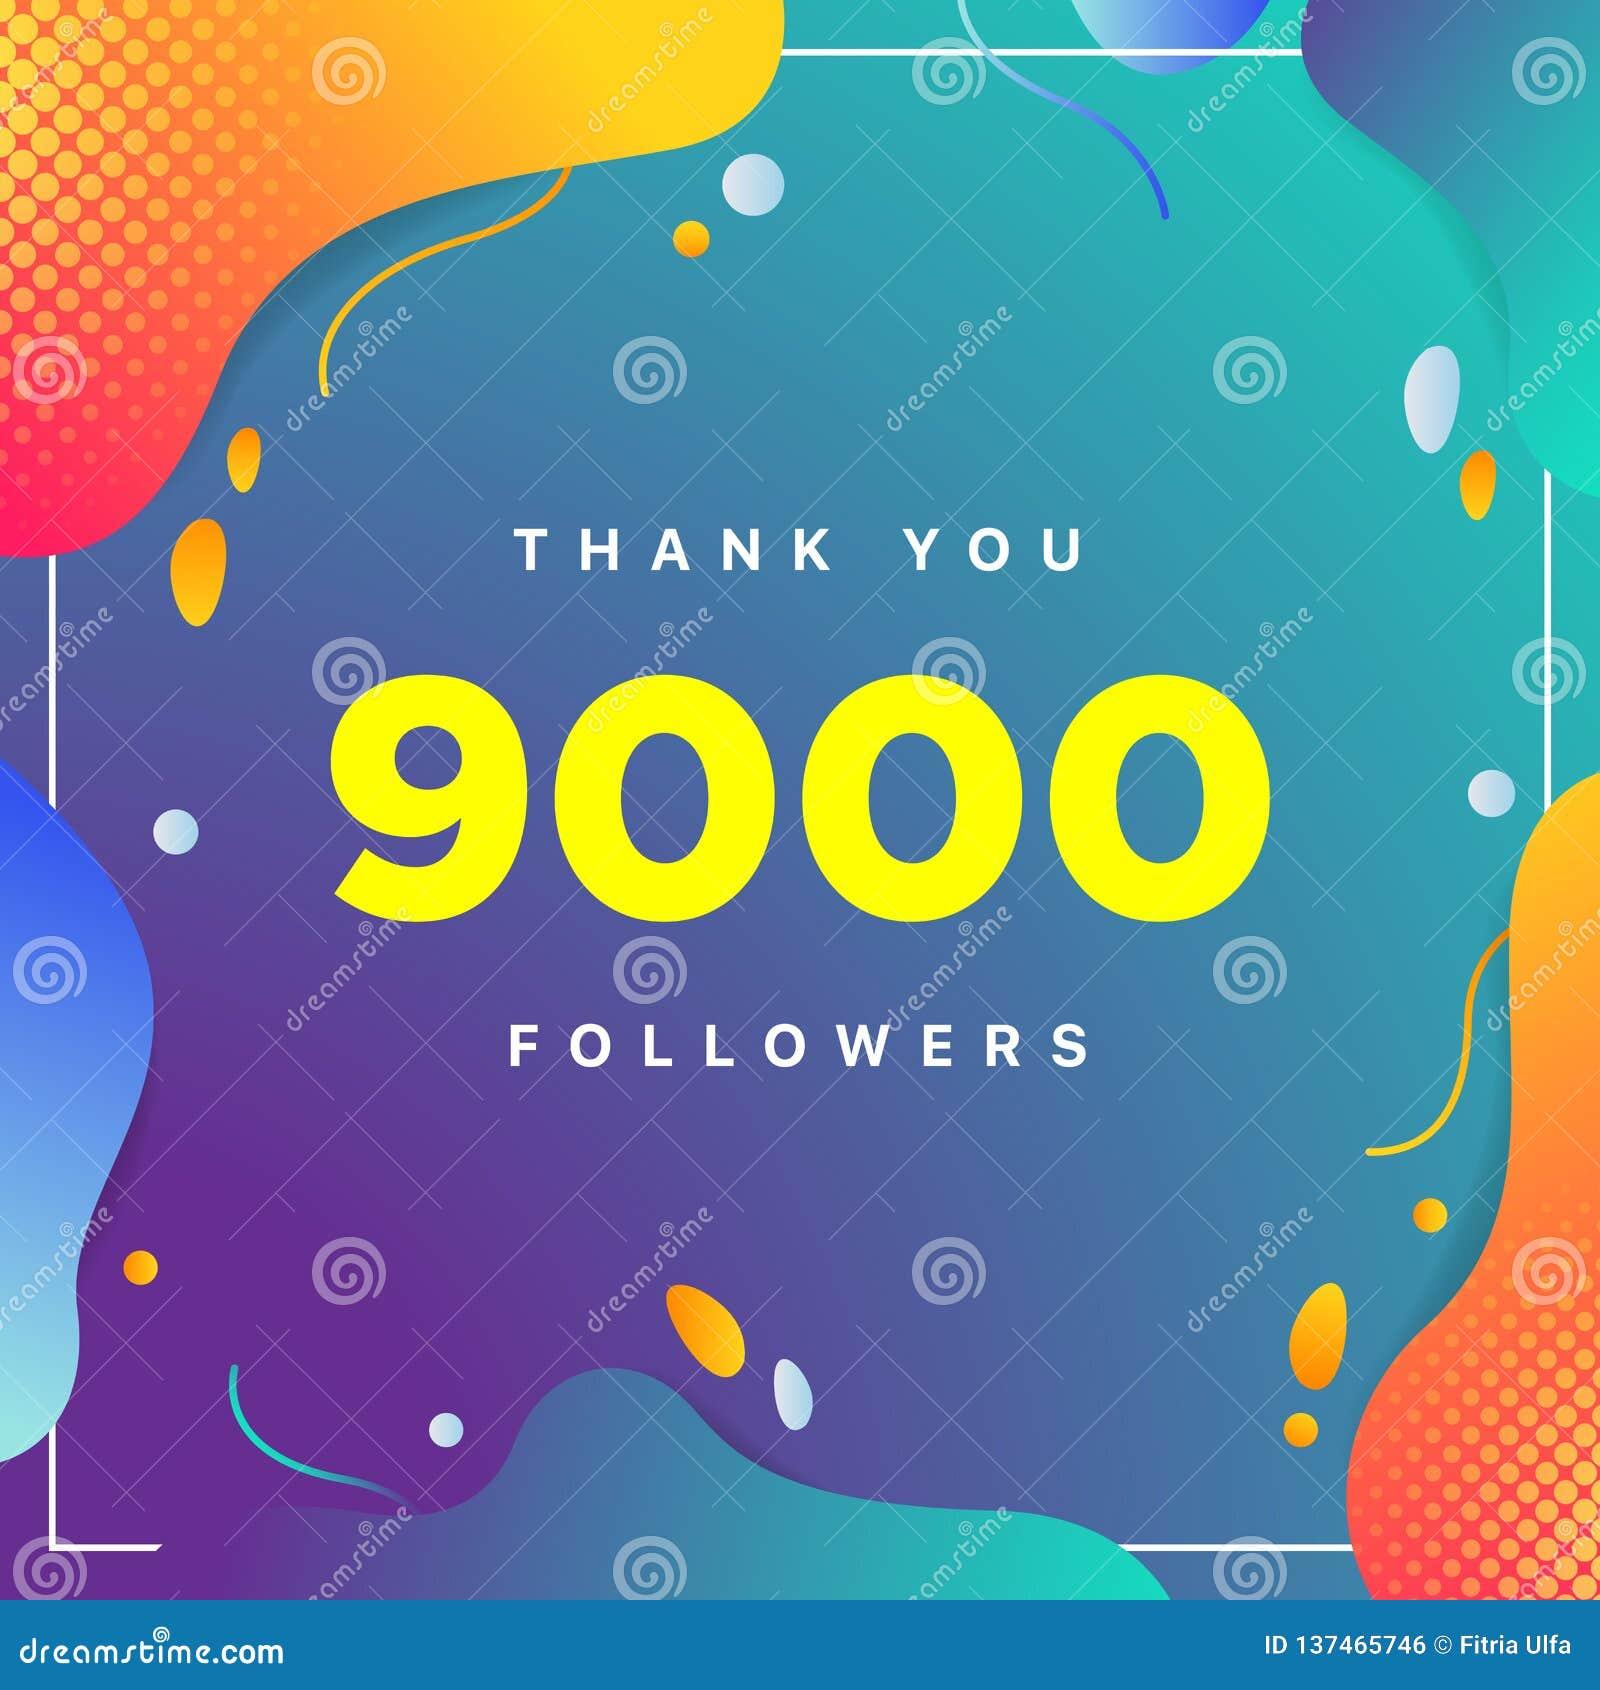 9000 of 9k, aanhangers danken u kleurrijk geometrisch aantal als achtergrond samenvatting voor Sociale Netwerkvrienden, aanhanger